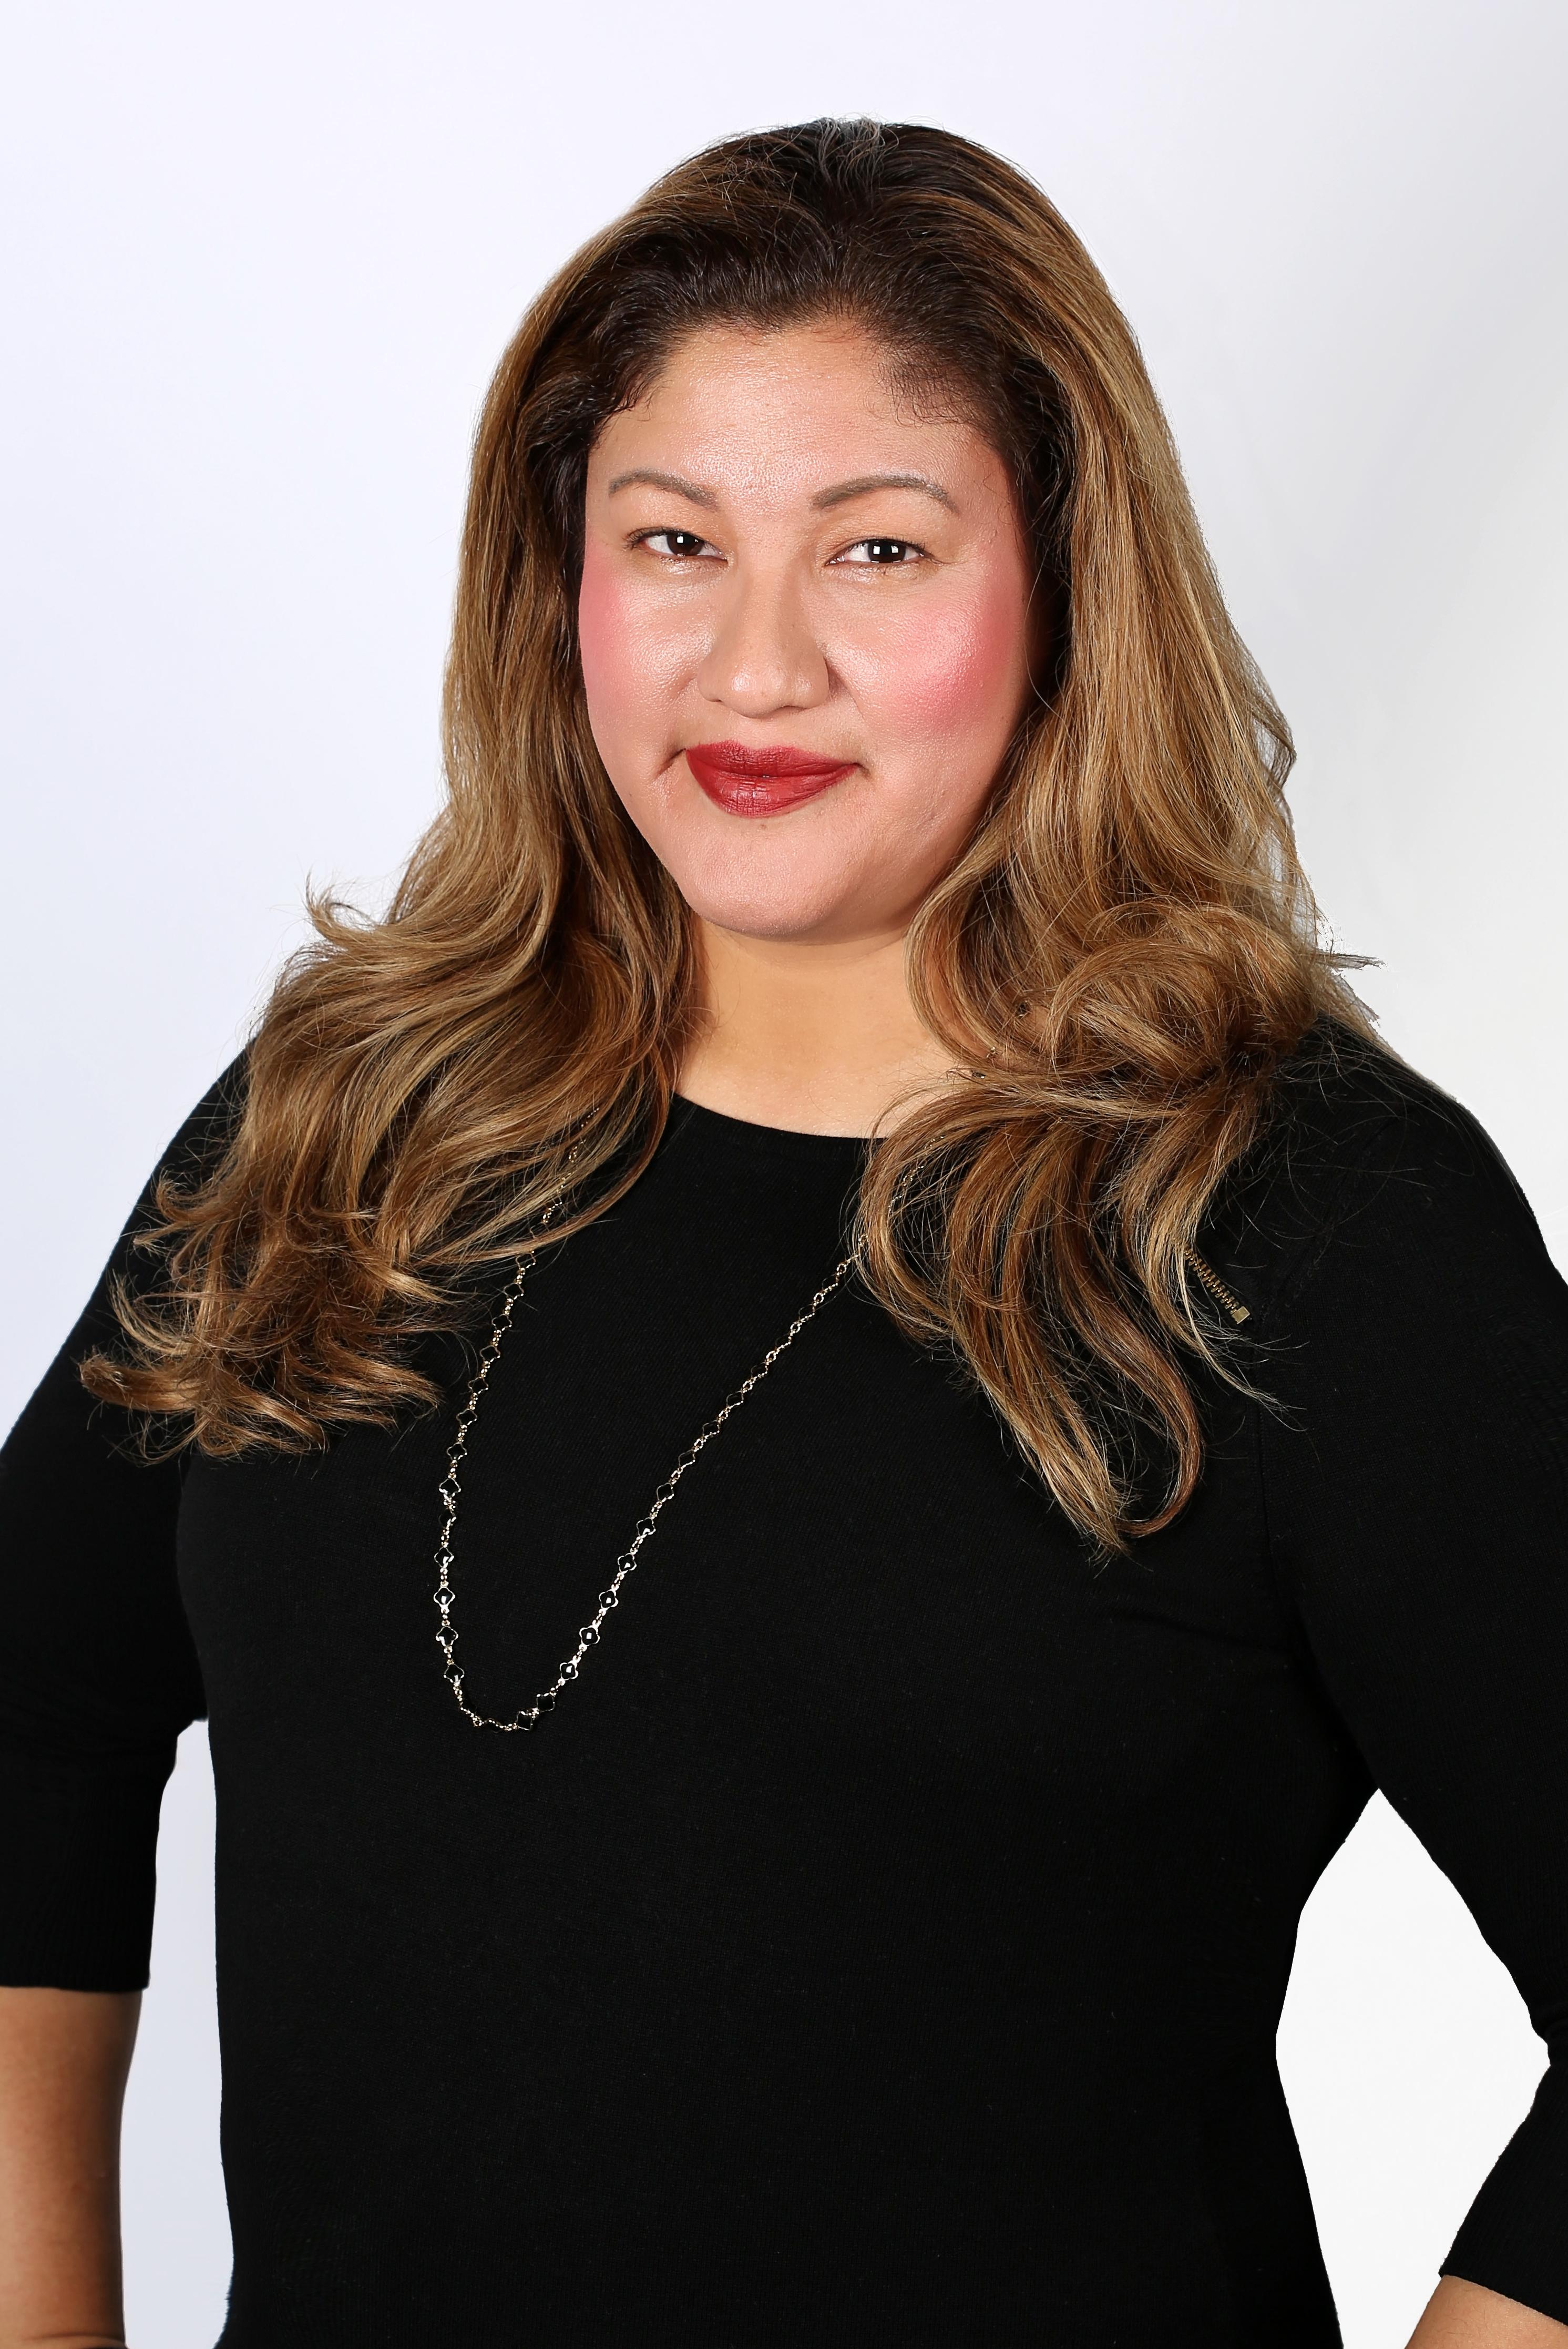 Giselle Matienzo